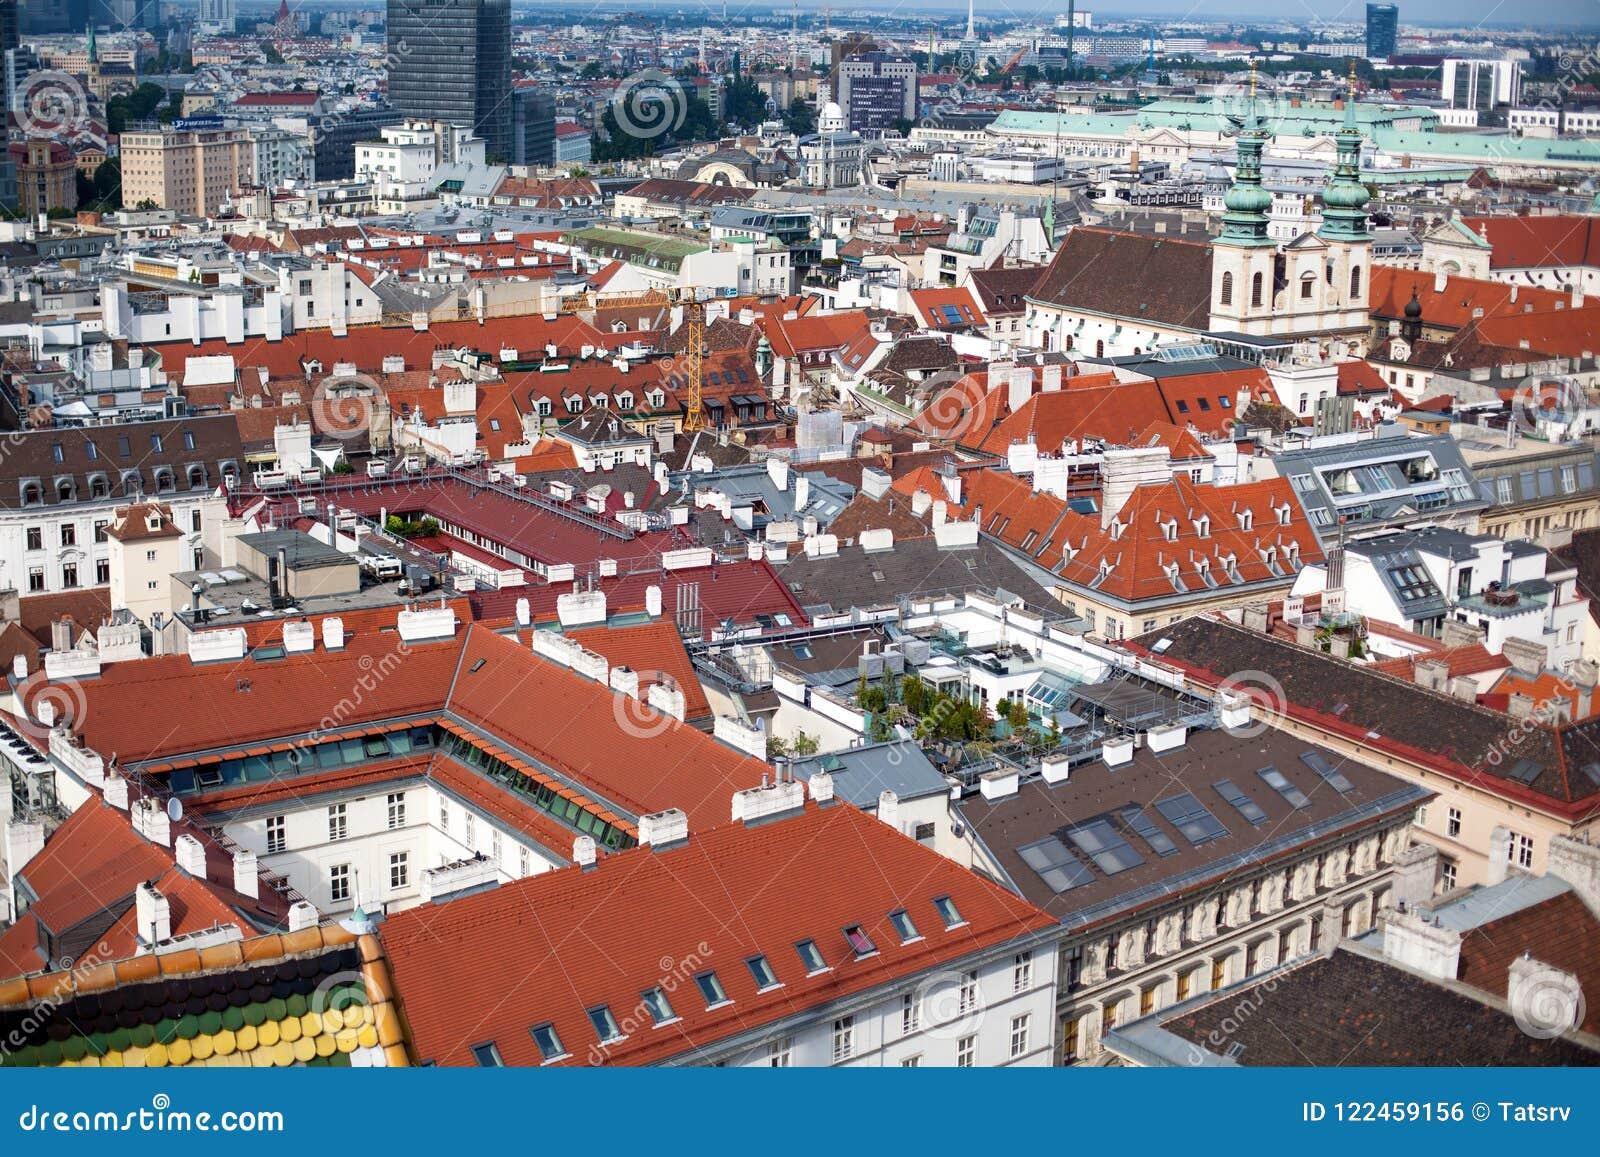 Wiedeń stolicy pejzaż miejski w Austria, widok od above nadmiernego historycznego centrum miasta